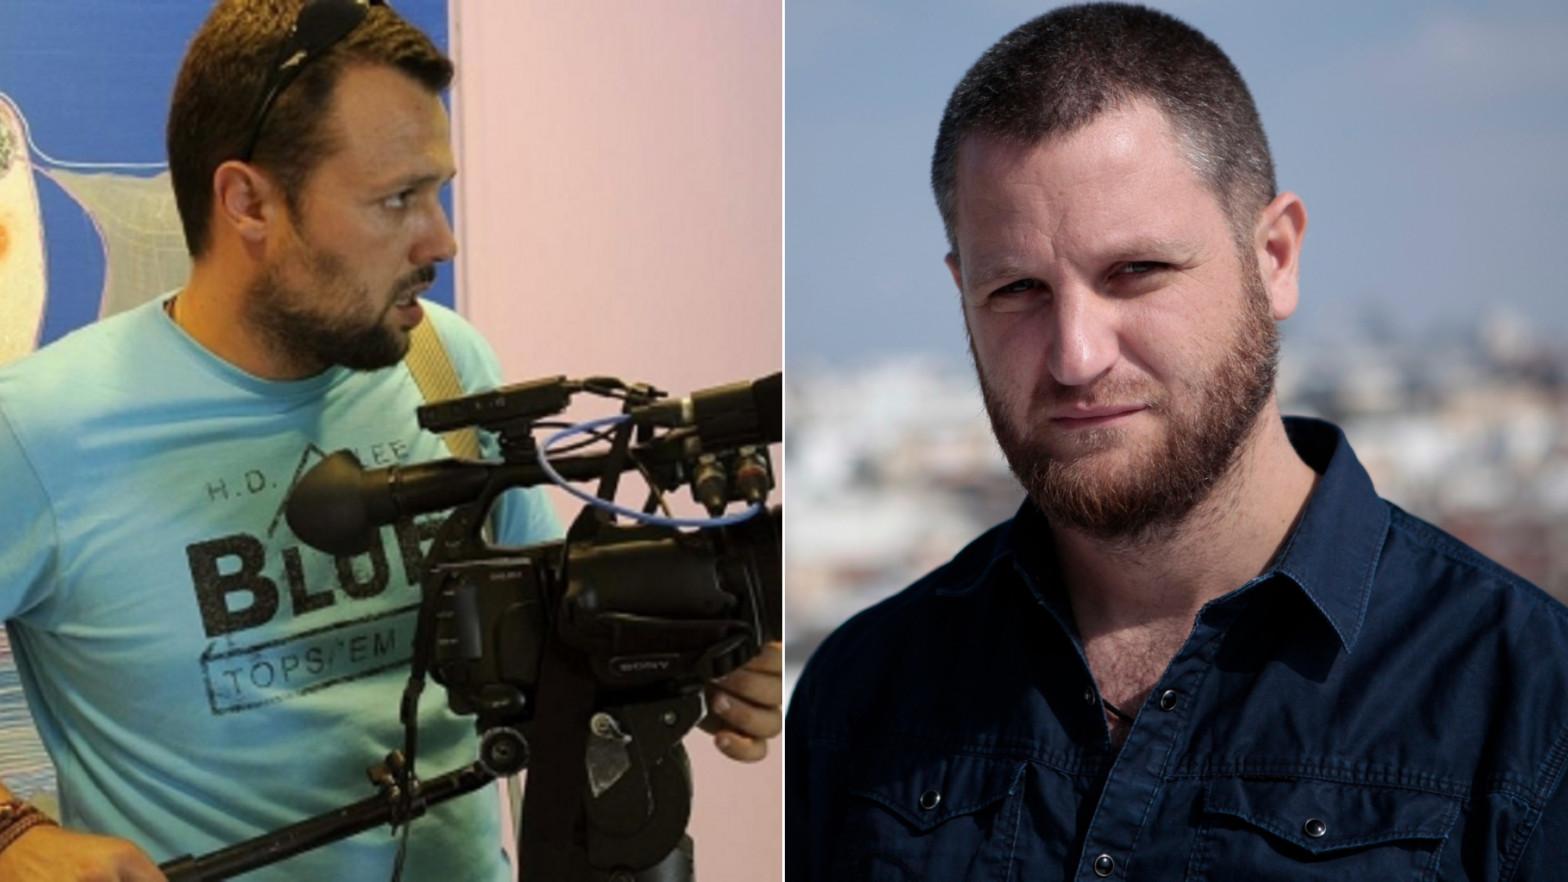 Los periodistas David Beriáin y Roberto Fraile, asesinados en Burkina Faso